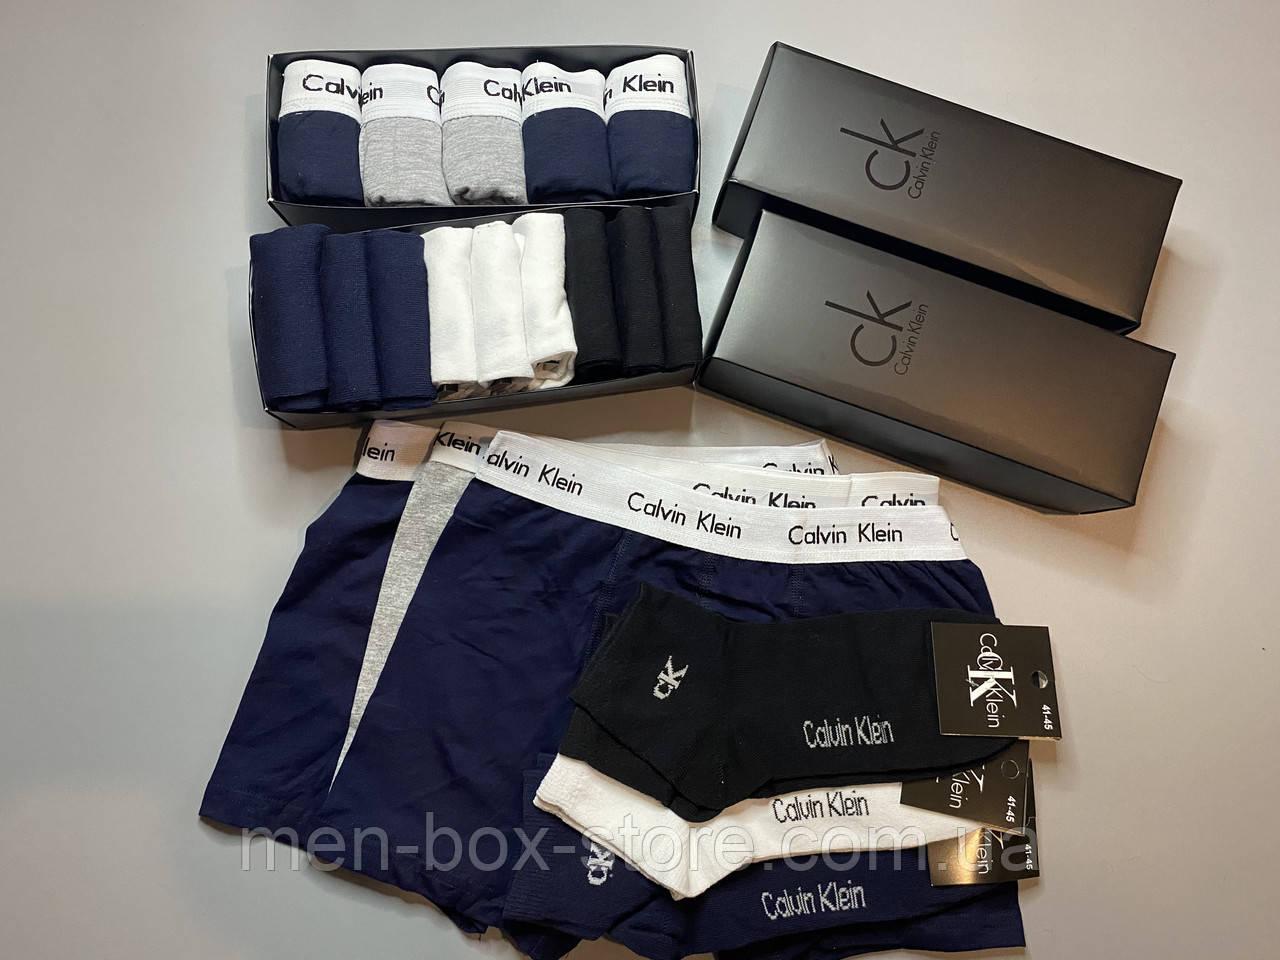 Мужские трусы боксеры и носки (5 шт.) + носки (12 пар).(в подарочных коробках. Трусы транки боксеры шорты